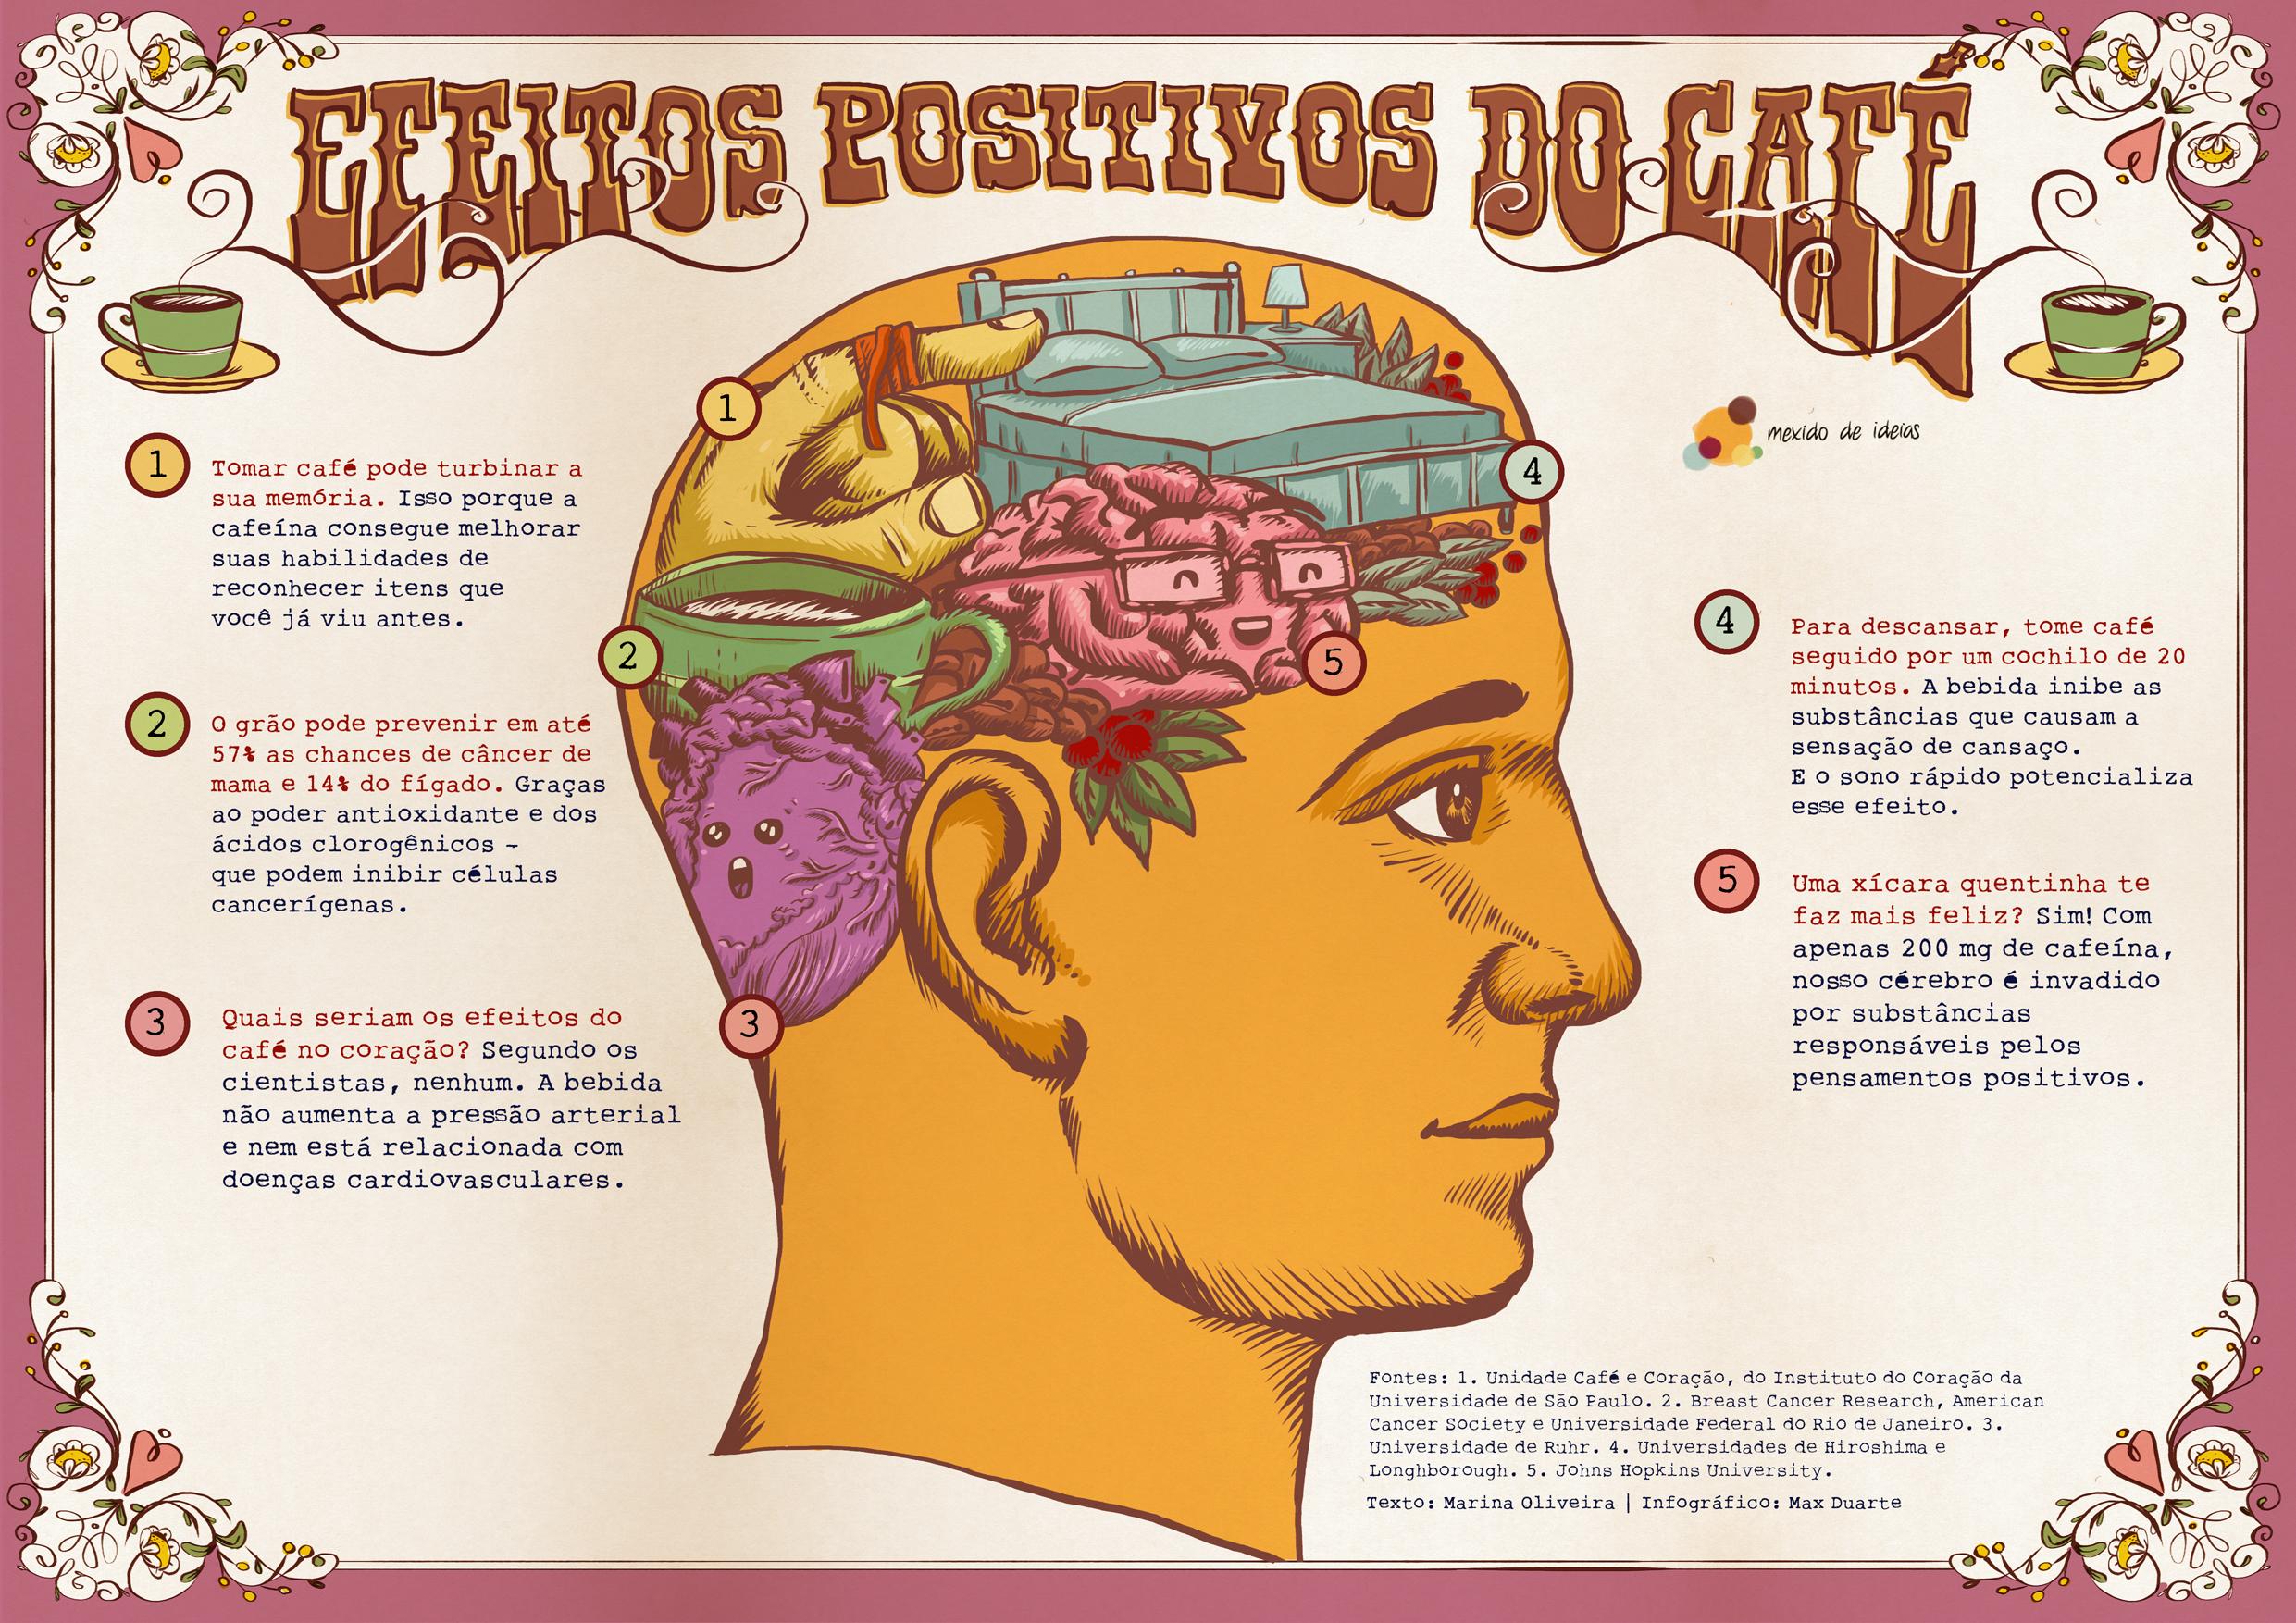 Efeitos positivos do café